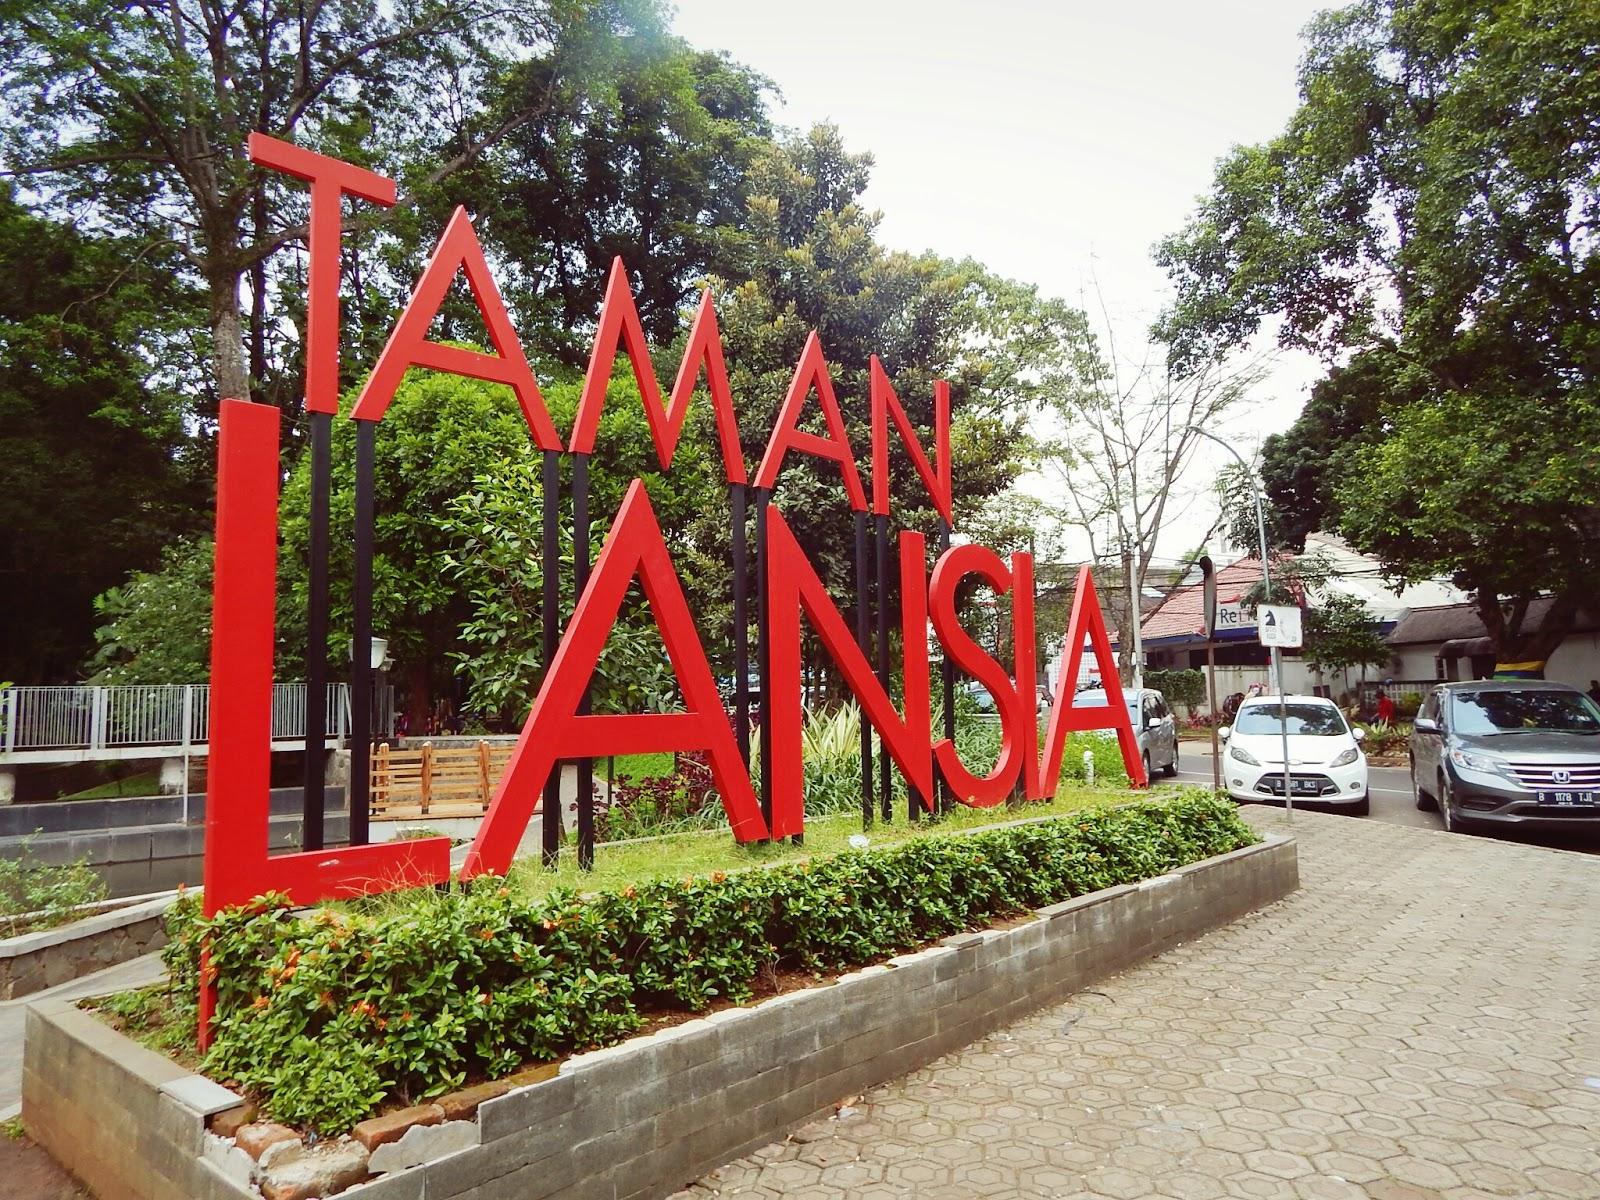 Pemkot Bandung Segera Launching Minggu Lansia Rmoljabar Taman Kab